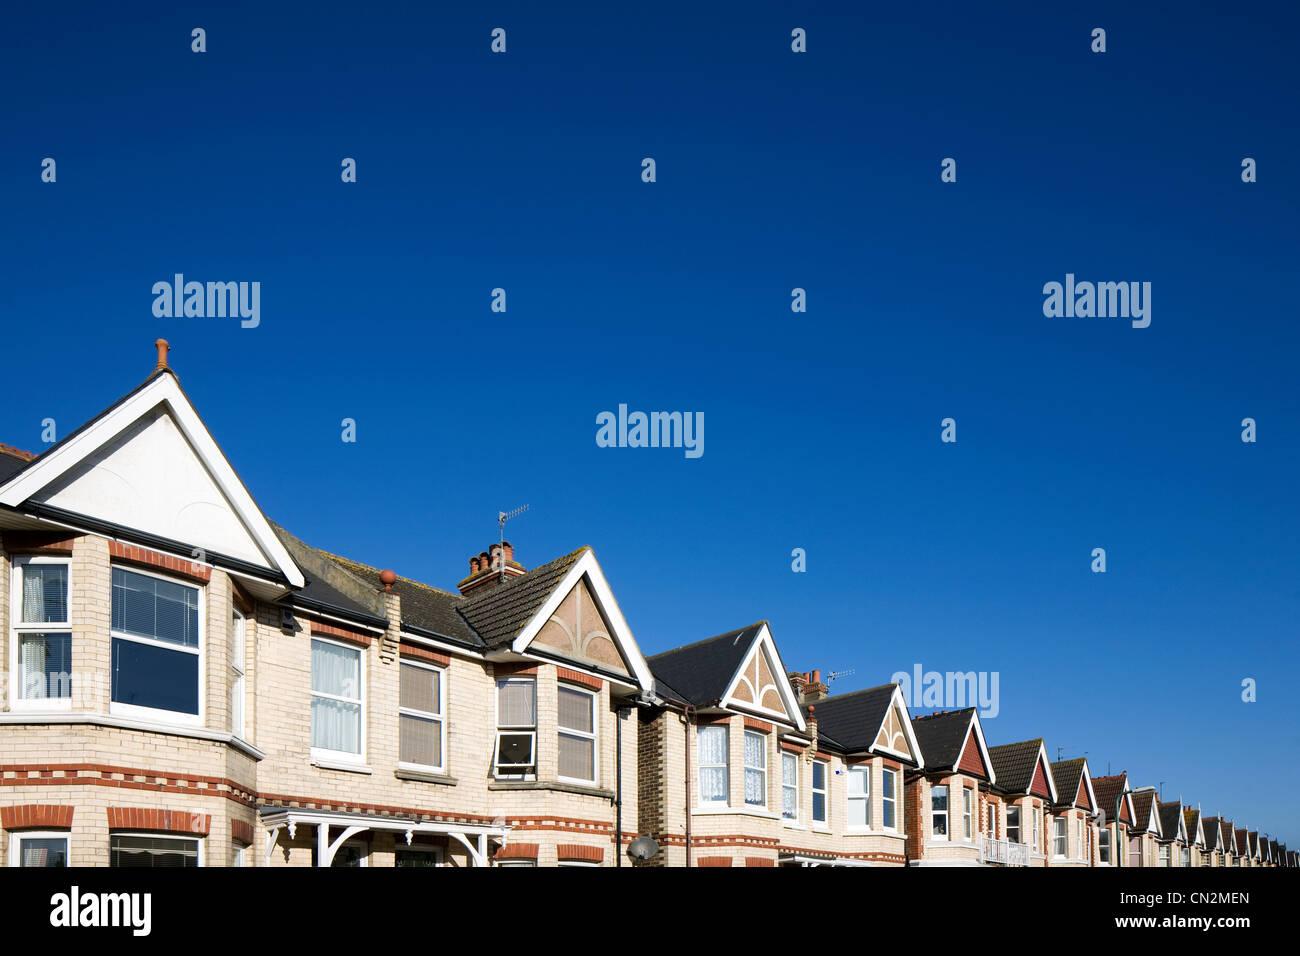 Straße mit Häusern und blauer Himmel Stockbild